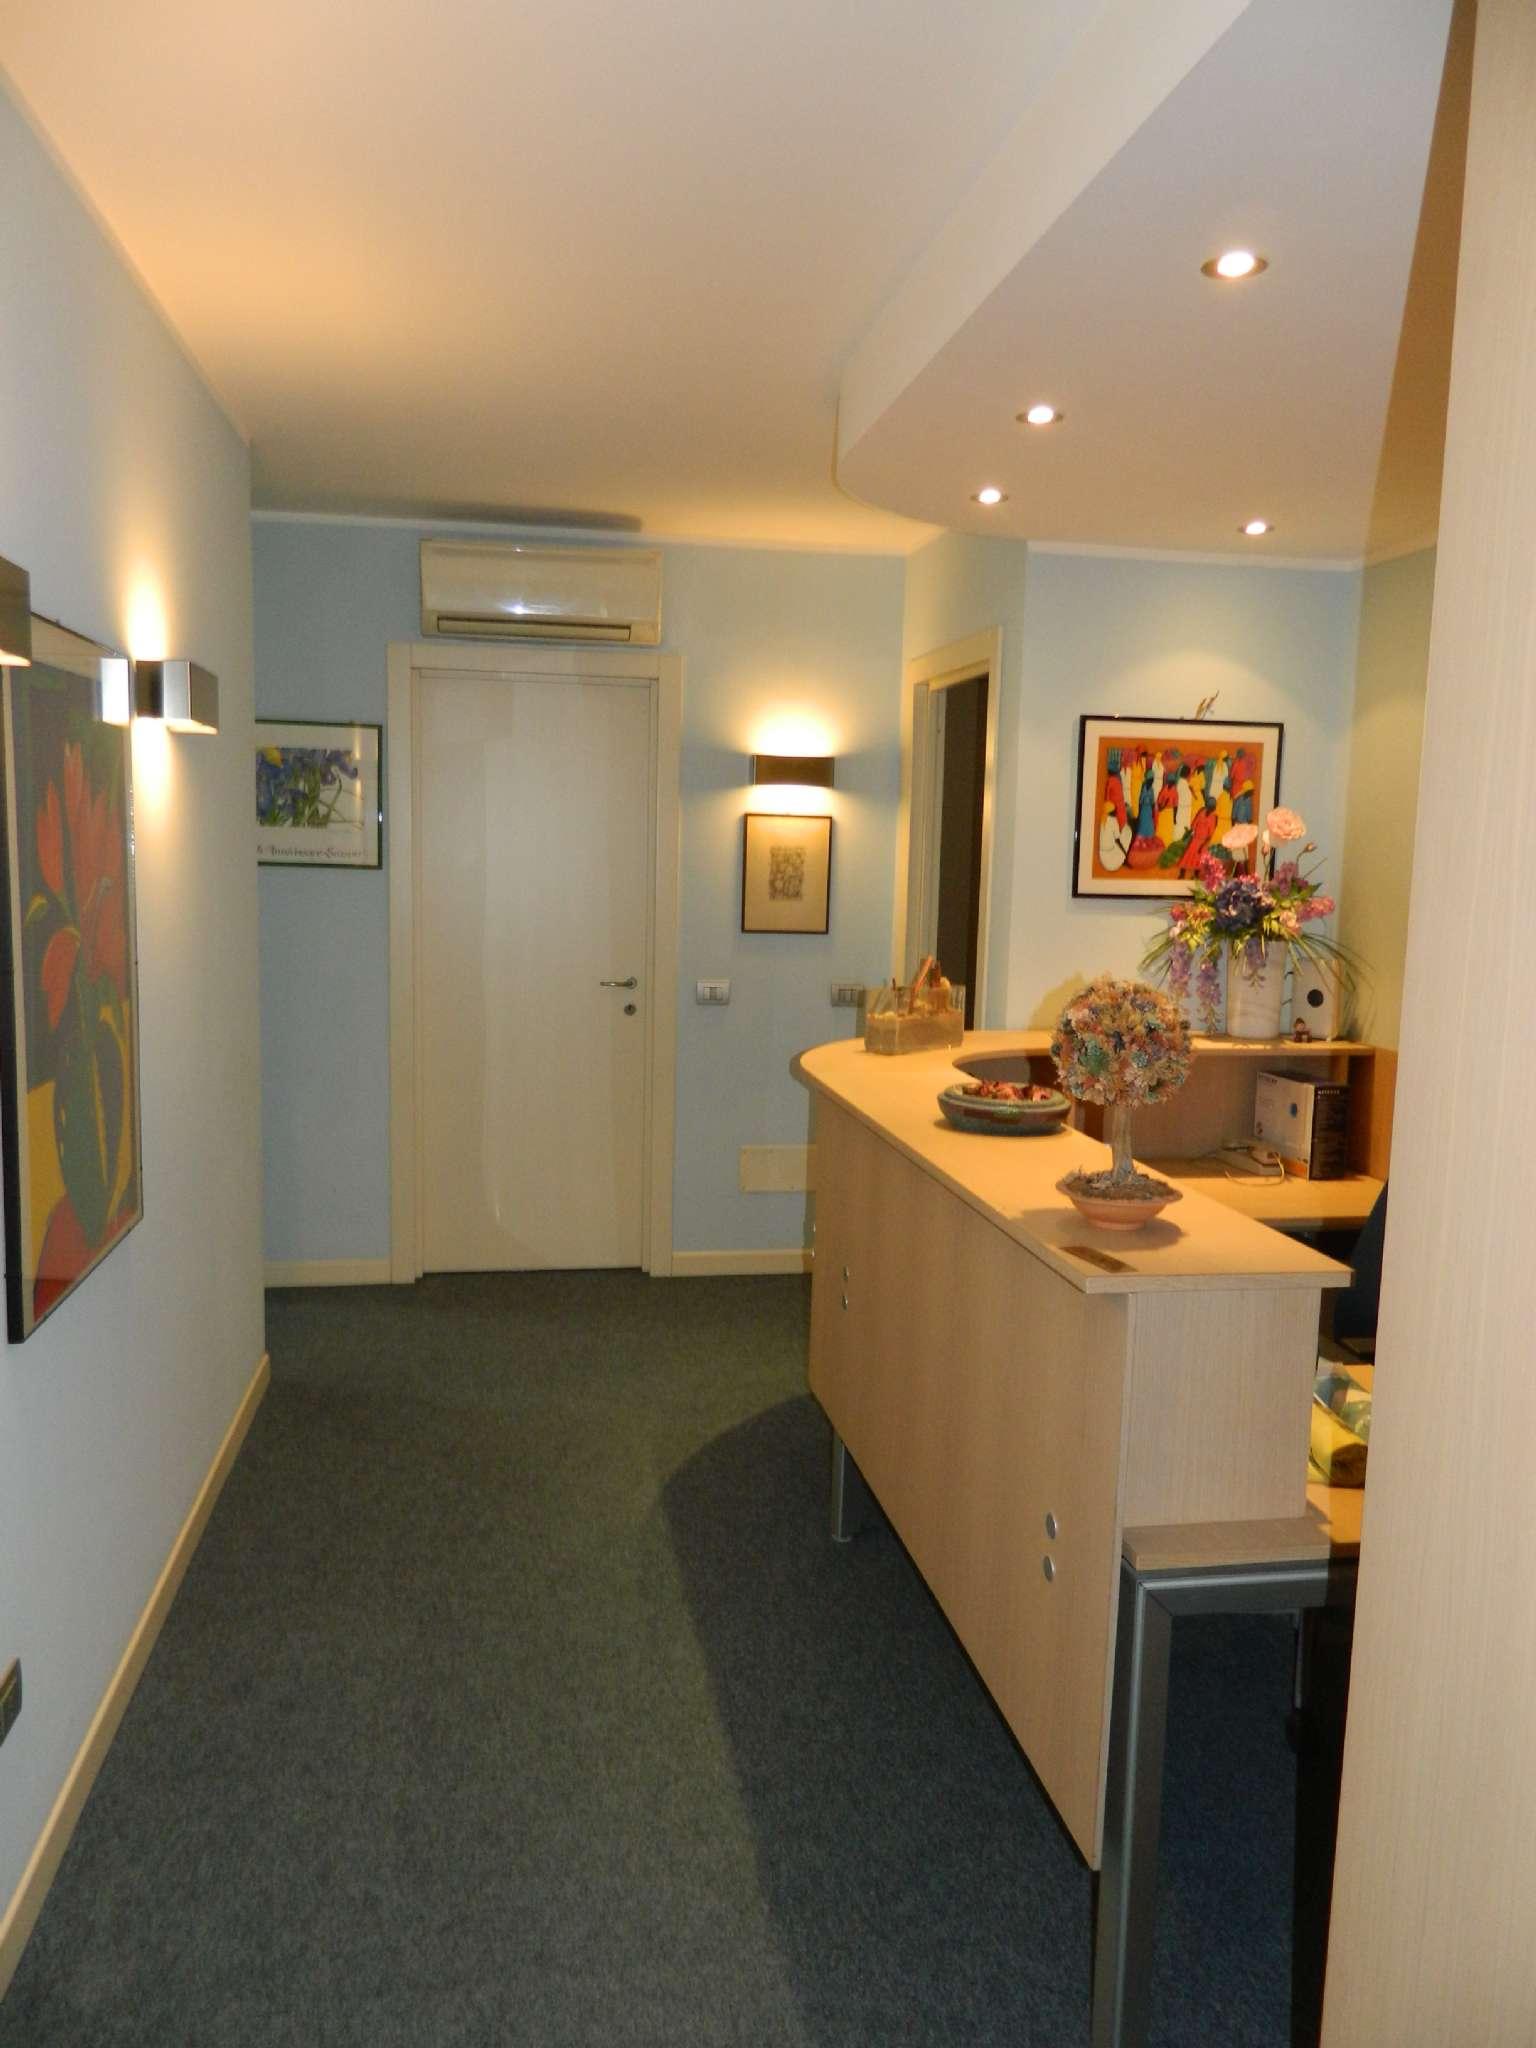 Ufficio / Studio in vendita a Sondrio, 3 locali, prezzo € 140.000 | PortaleAgenzieImmobiliari.it